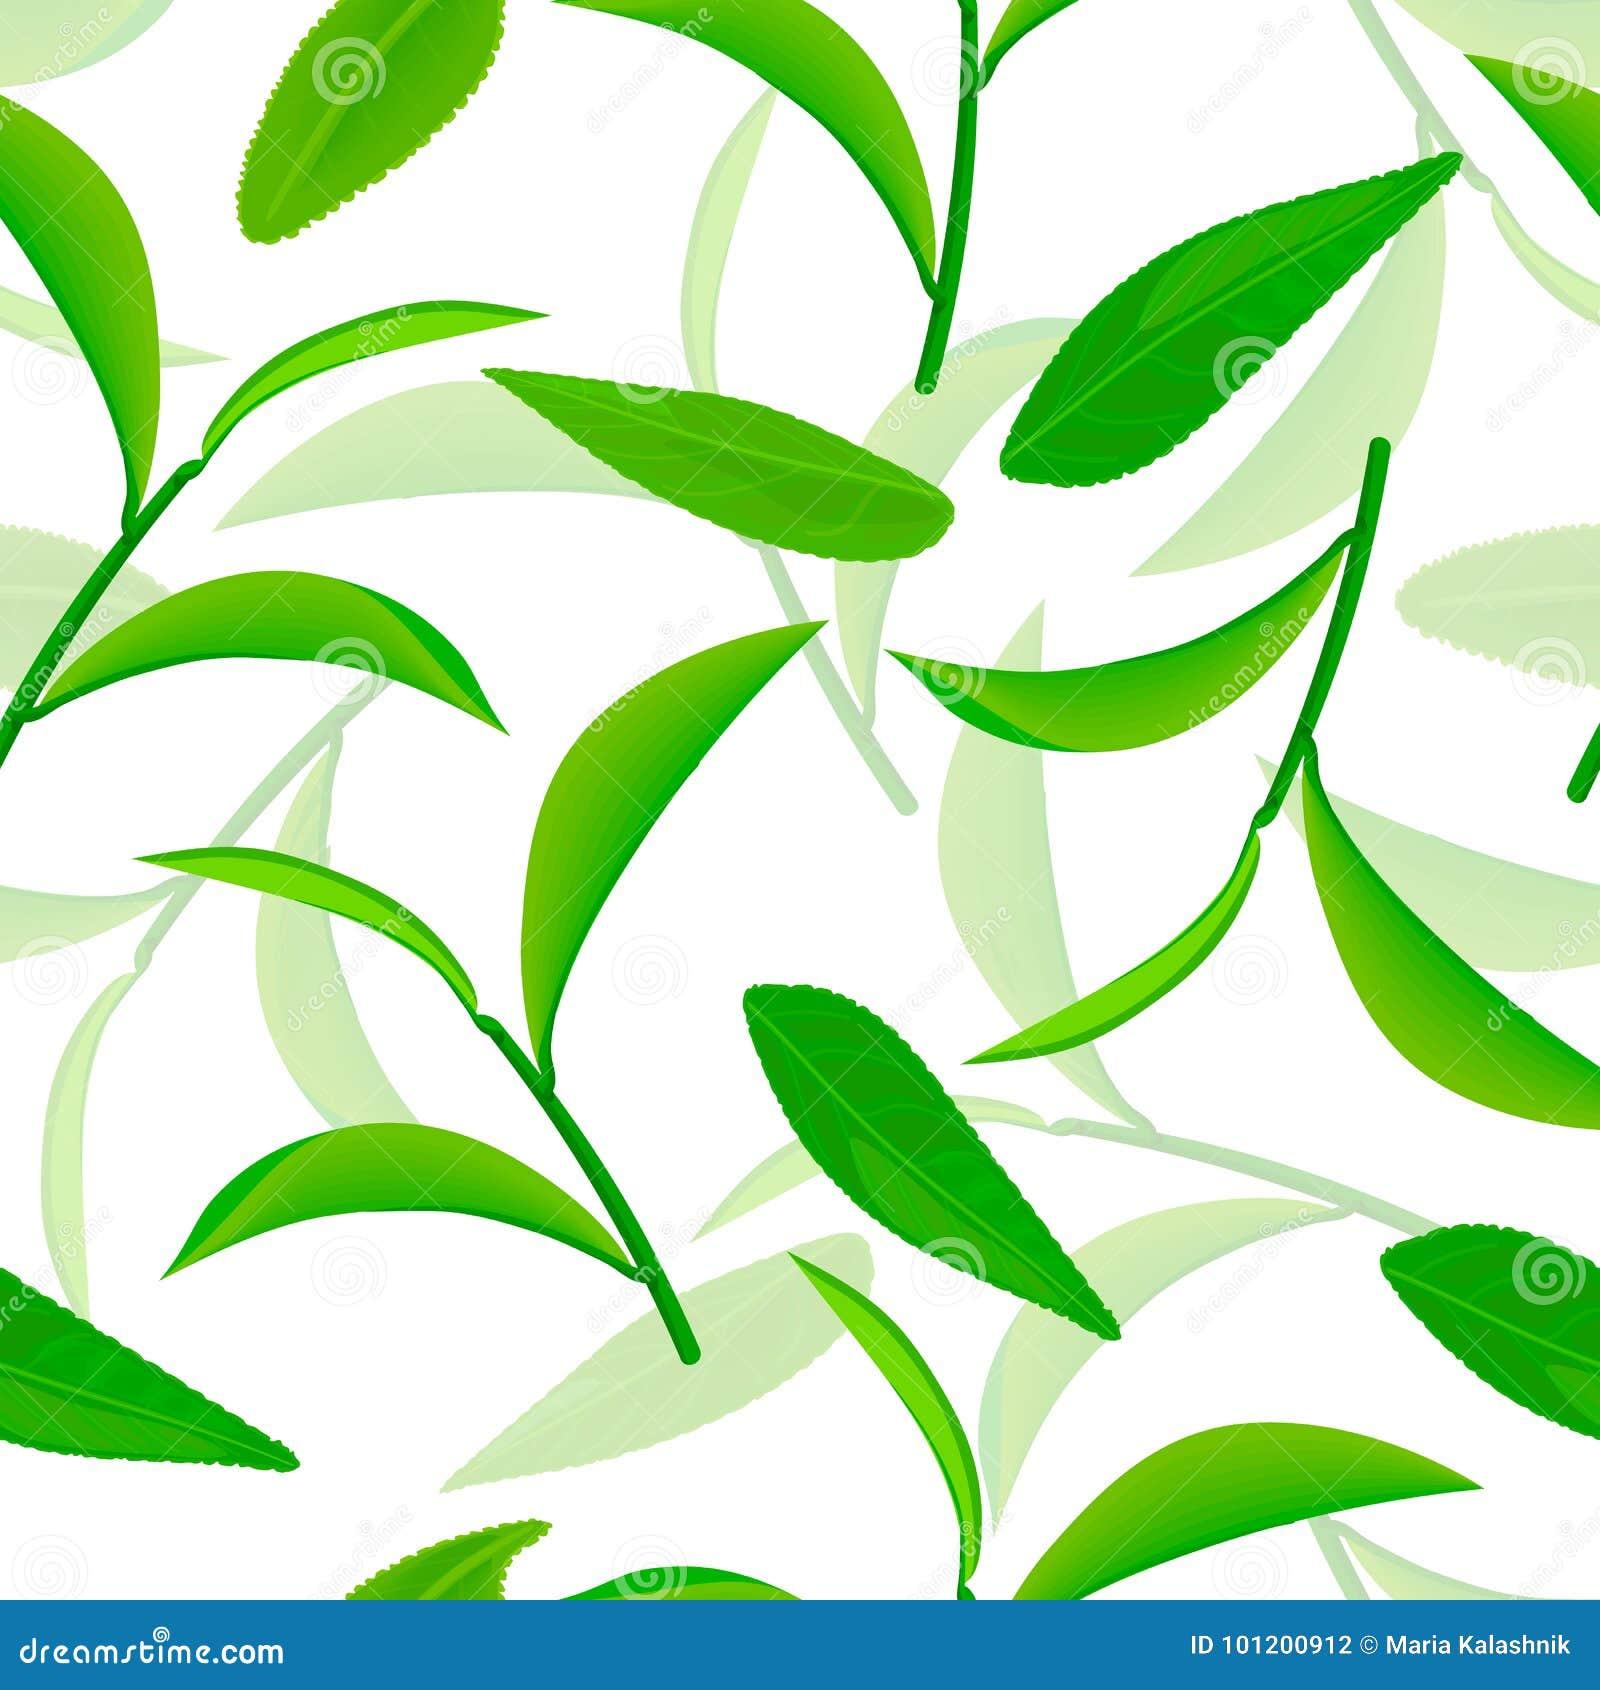 Levendig vliegende groene theebladen, Naadloos vectorpatroon witte 3d illustratie als achtergrond